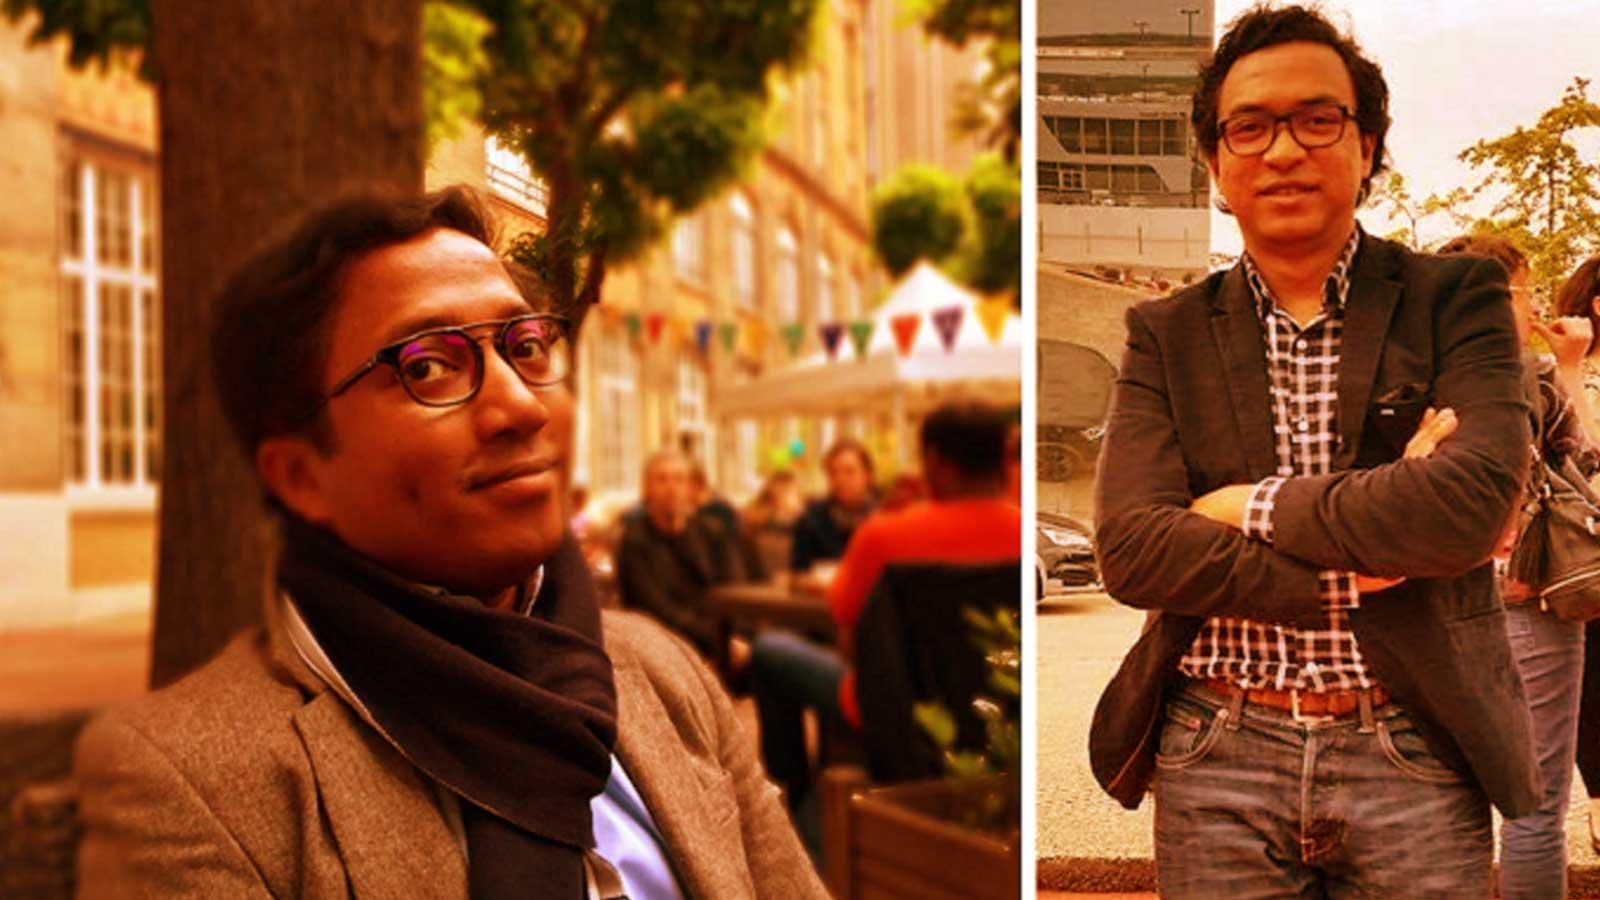 Charles-Henri et Miandra Ravony, les deux frères cofondateurs de Fanjava